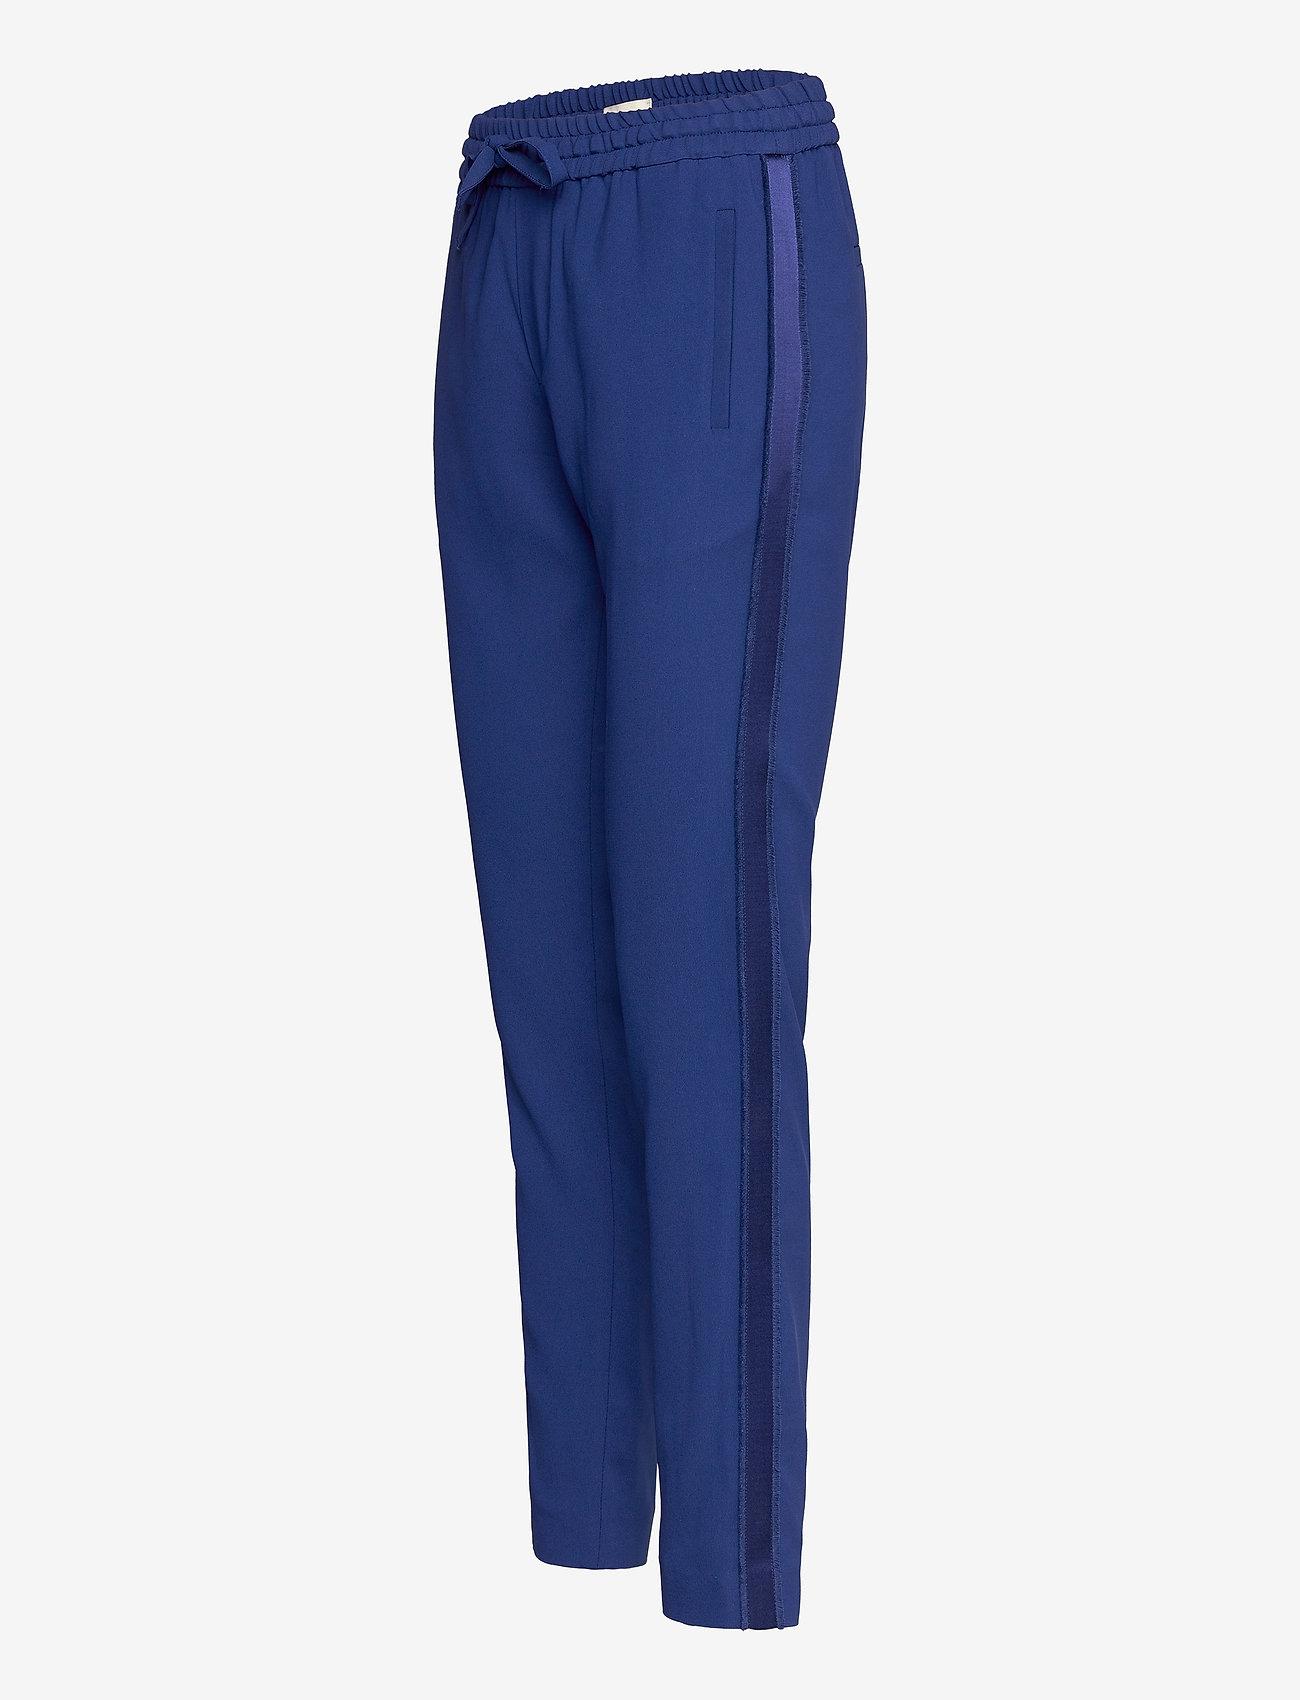 Zadig & Voltaire - PARONO CREPE PANTALON - slim fit bukser - blue - 3